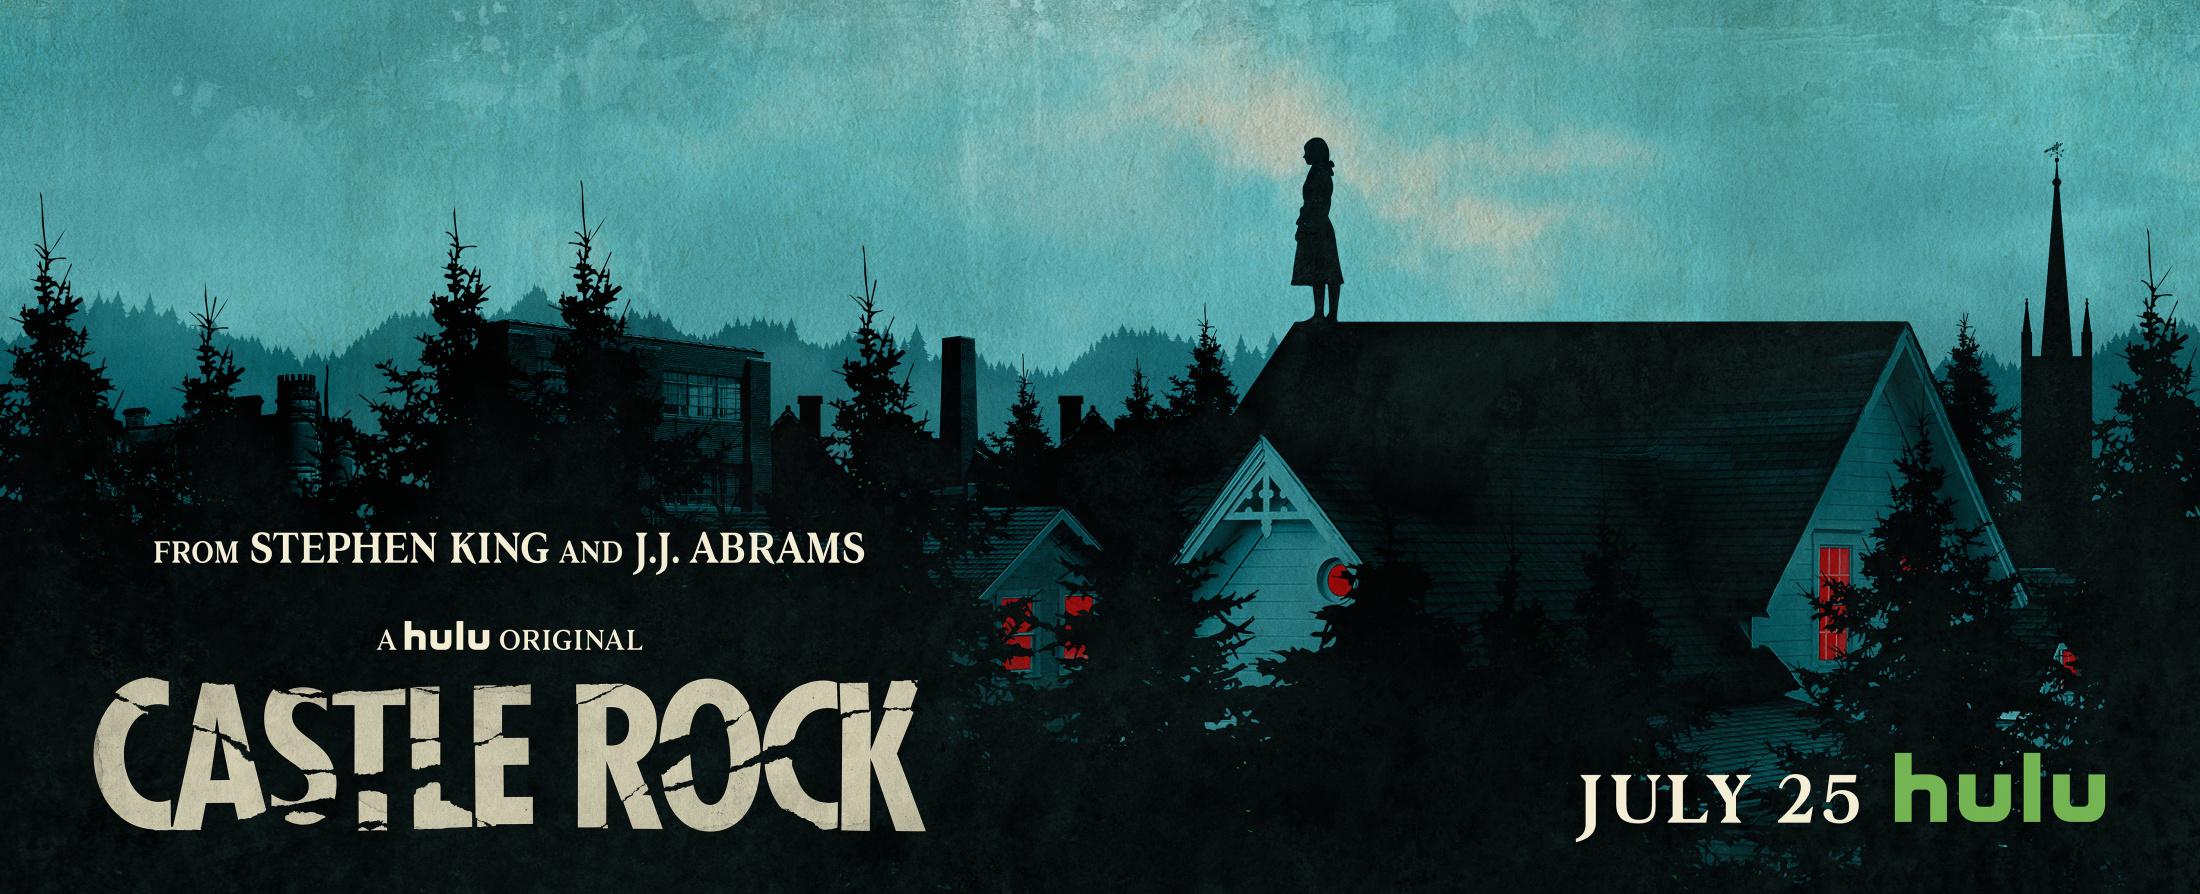 Thumbnail for Castle Rock